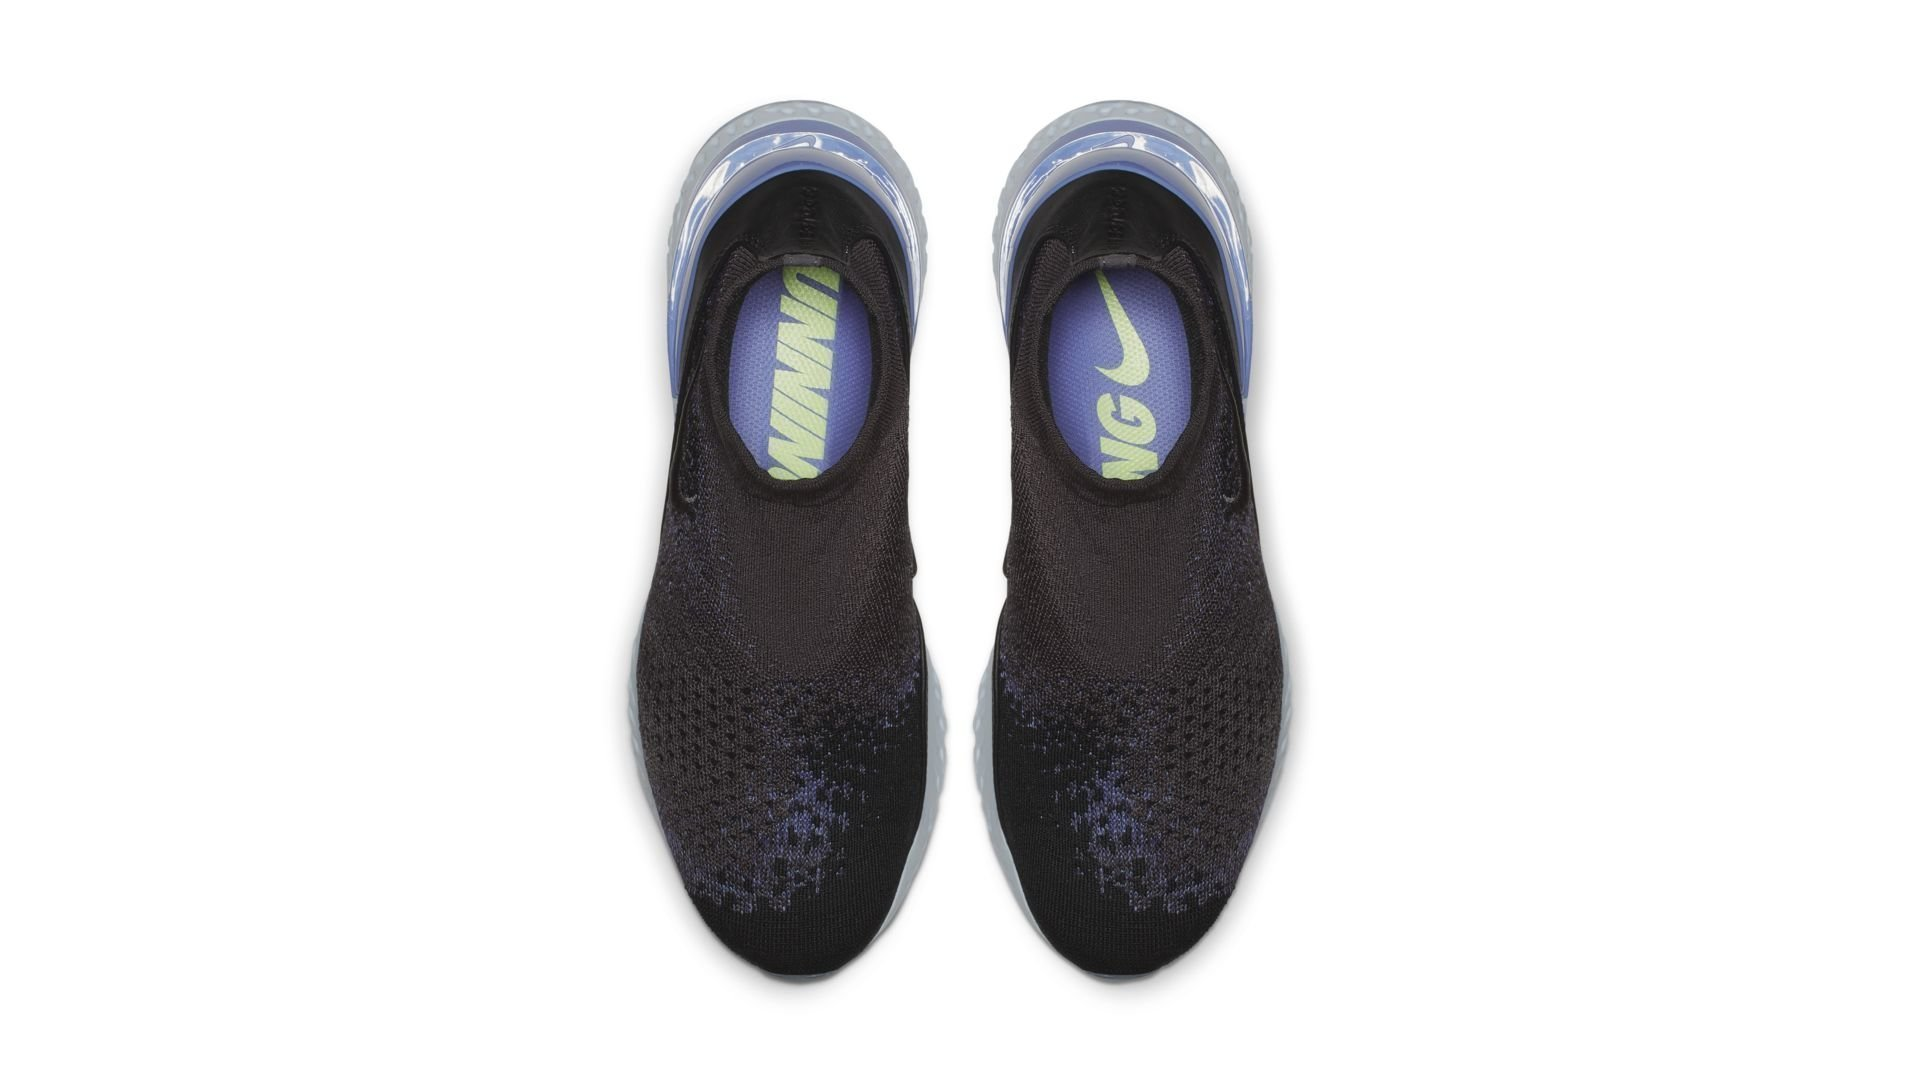 Nike Rise React Flyknit Thunder Grey Sapphire (AV5554-055)